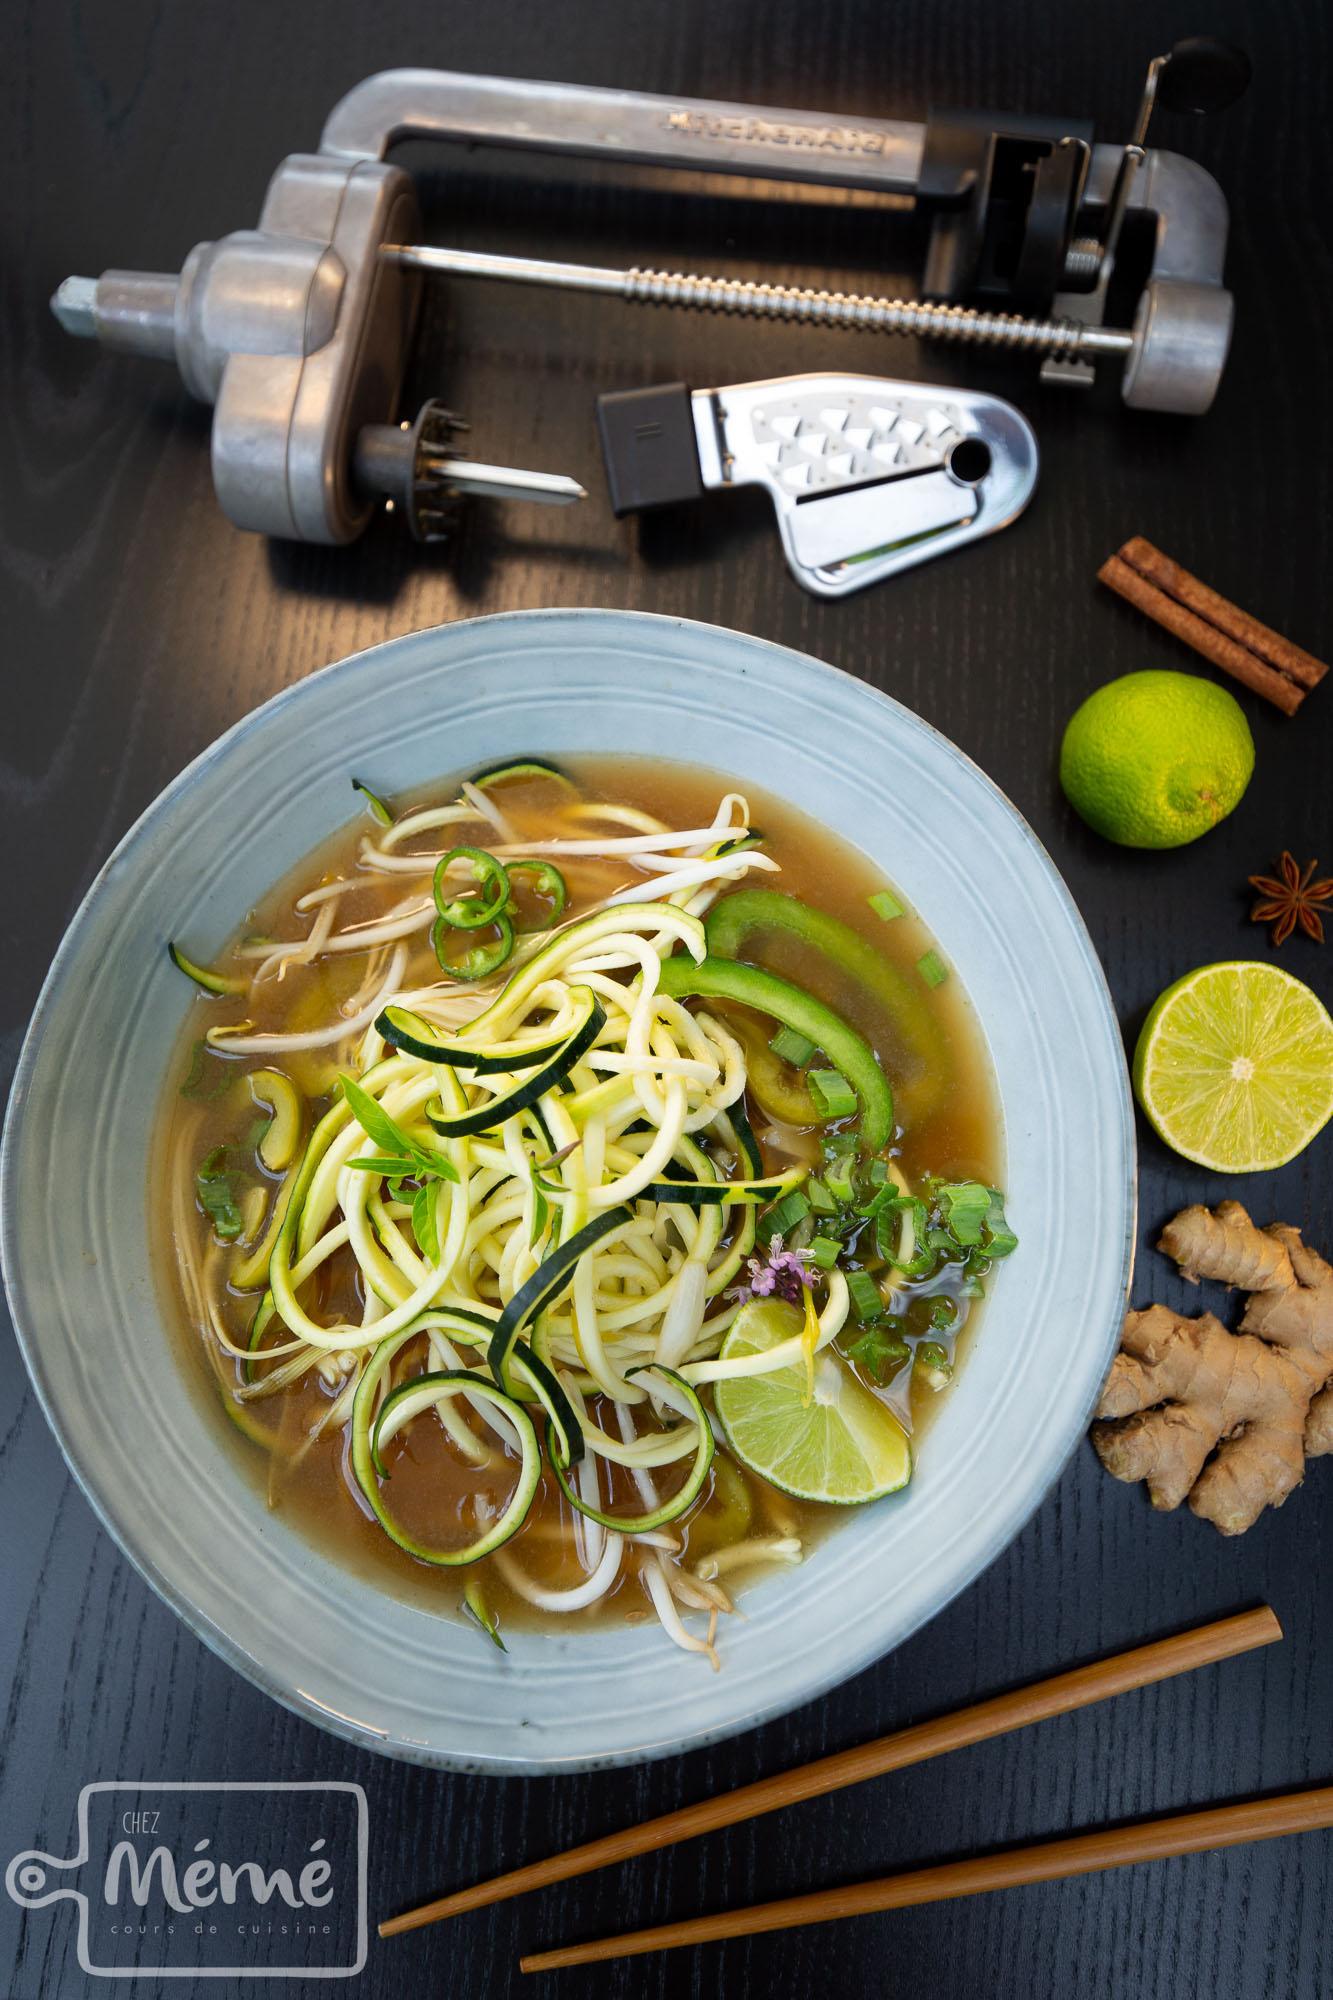 chez-meme-cours-cuisine-alsace-recette-soupe-estivale-courgette-thai-kitchenaid